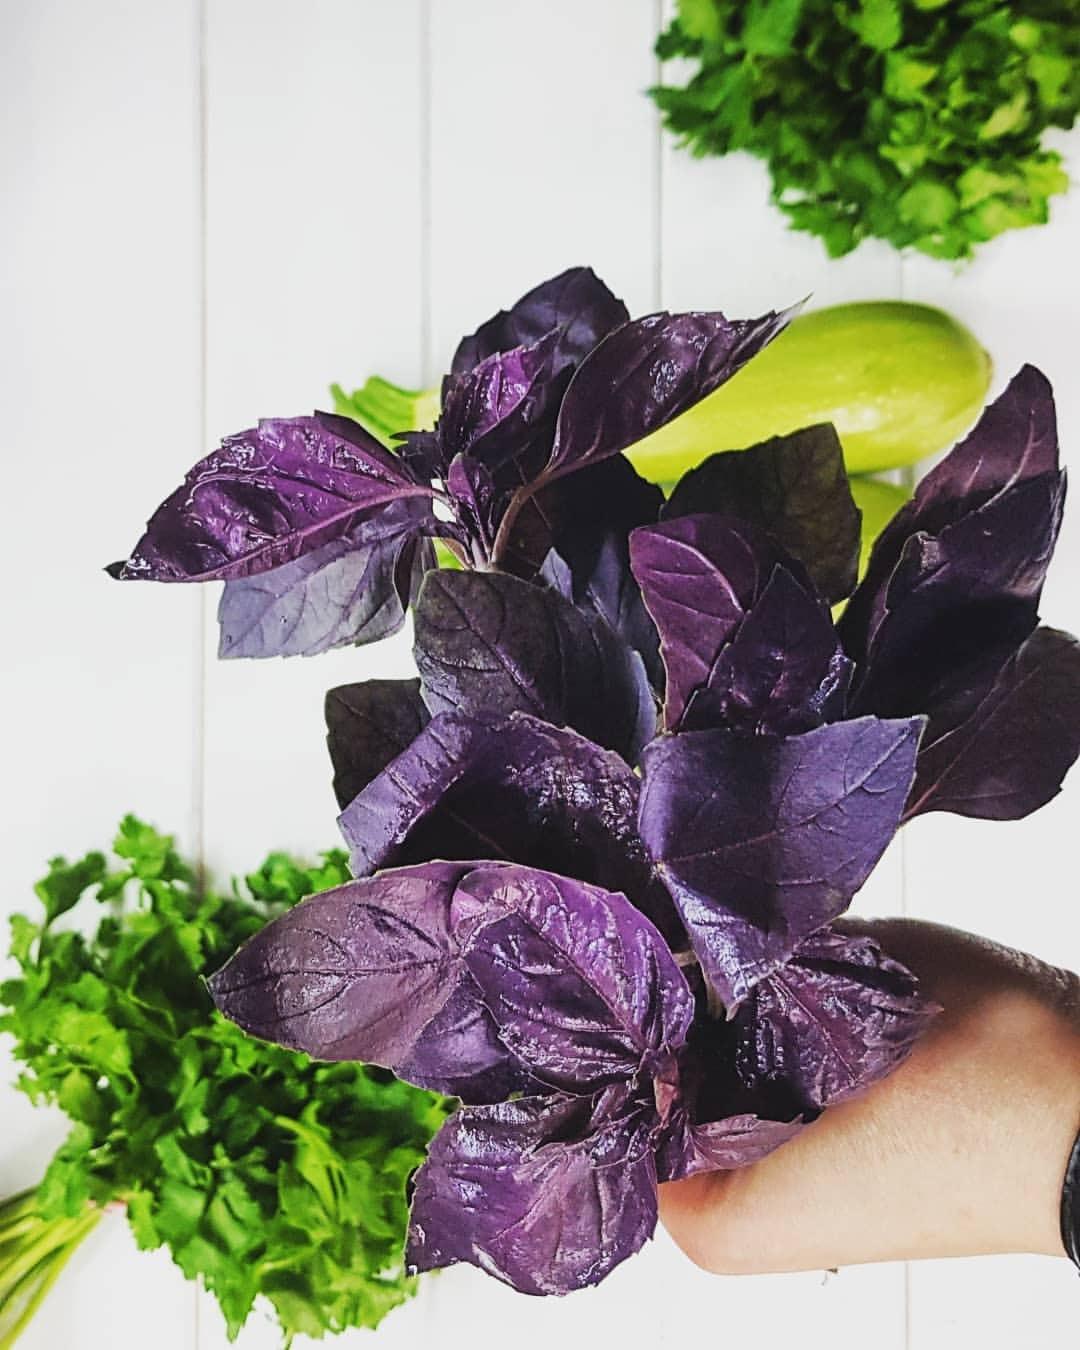 Базилик зеленый и фиолетовый